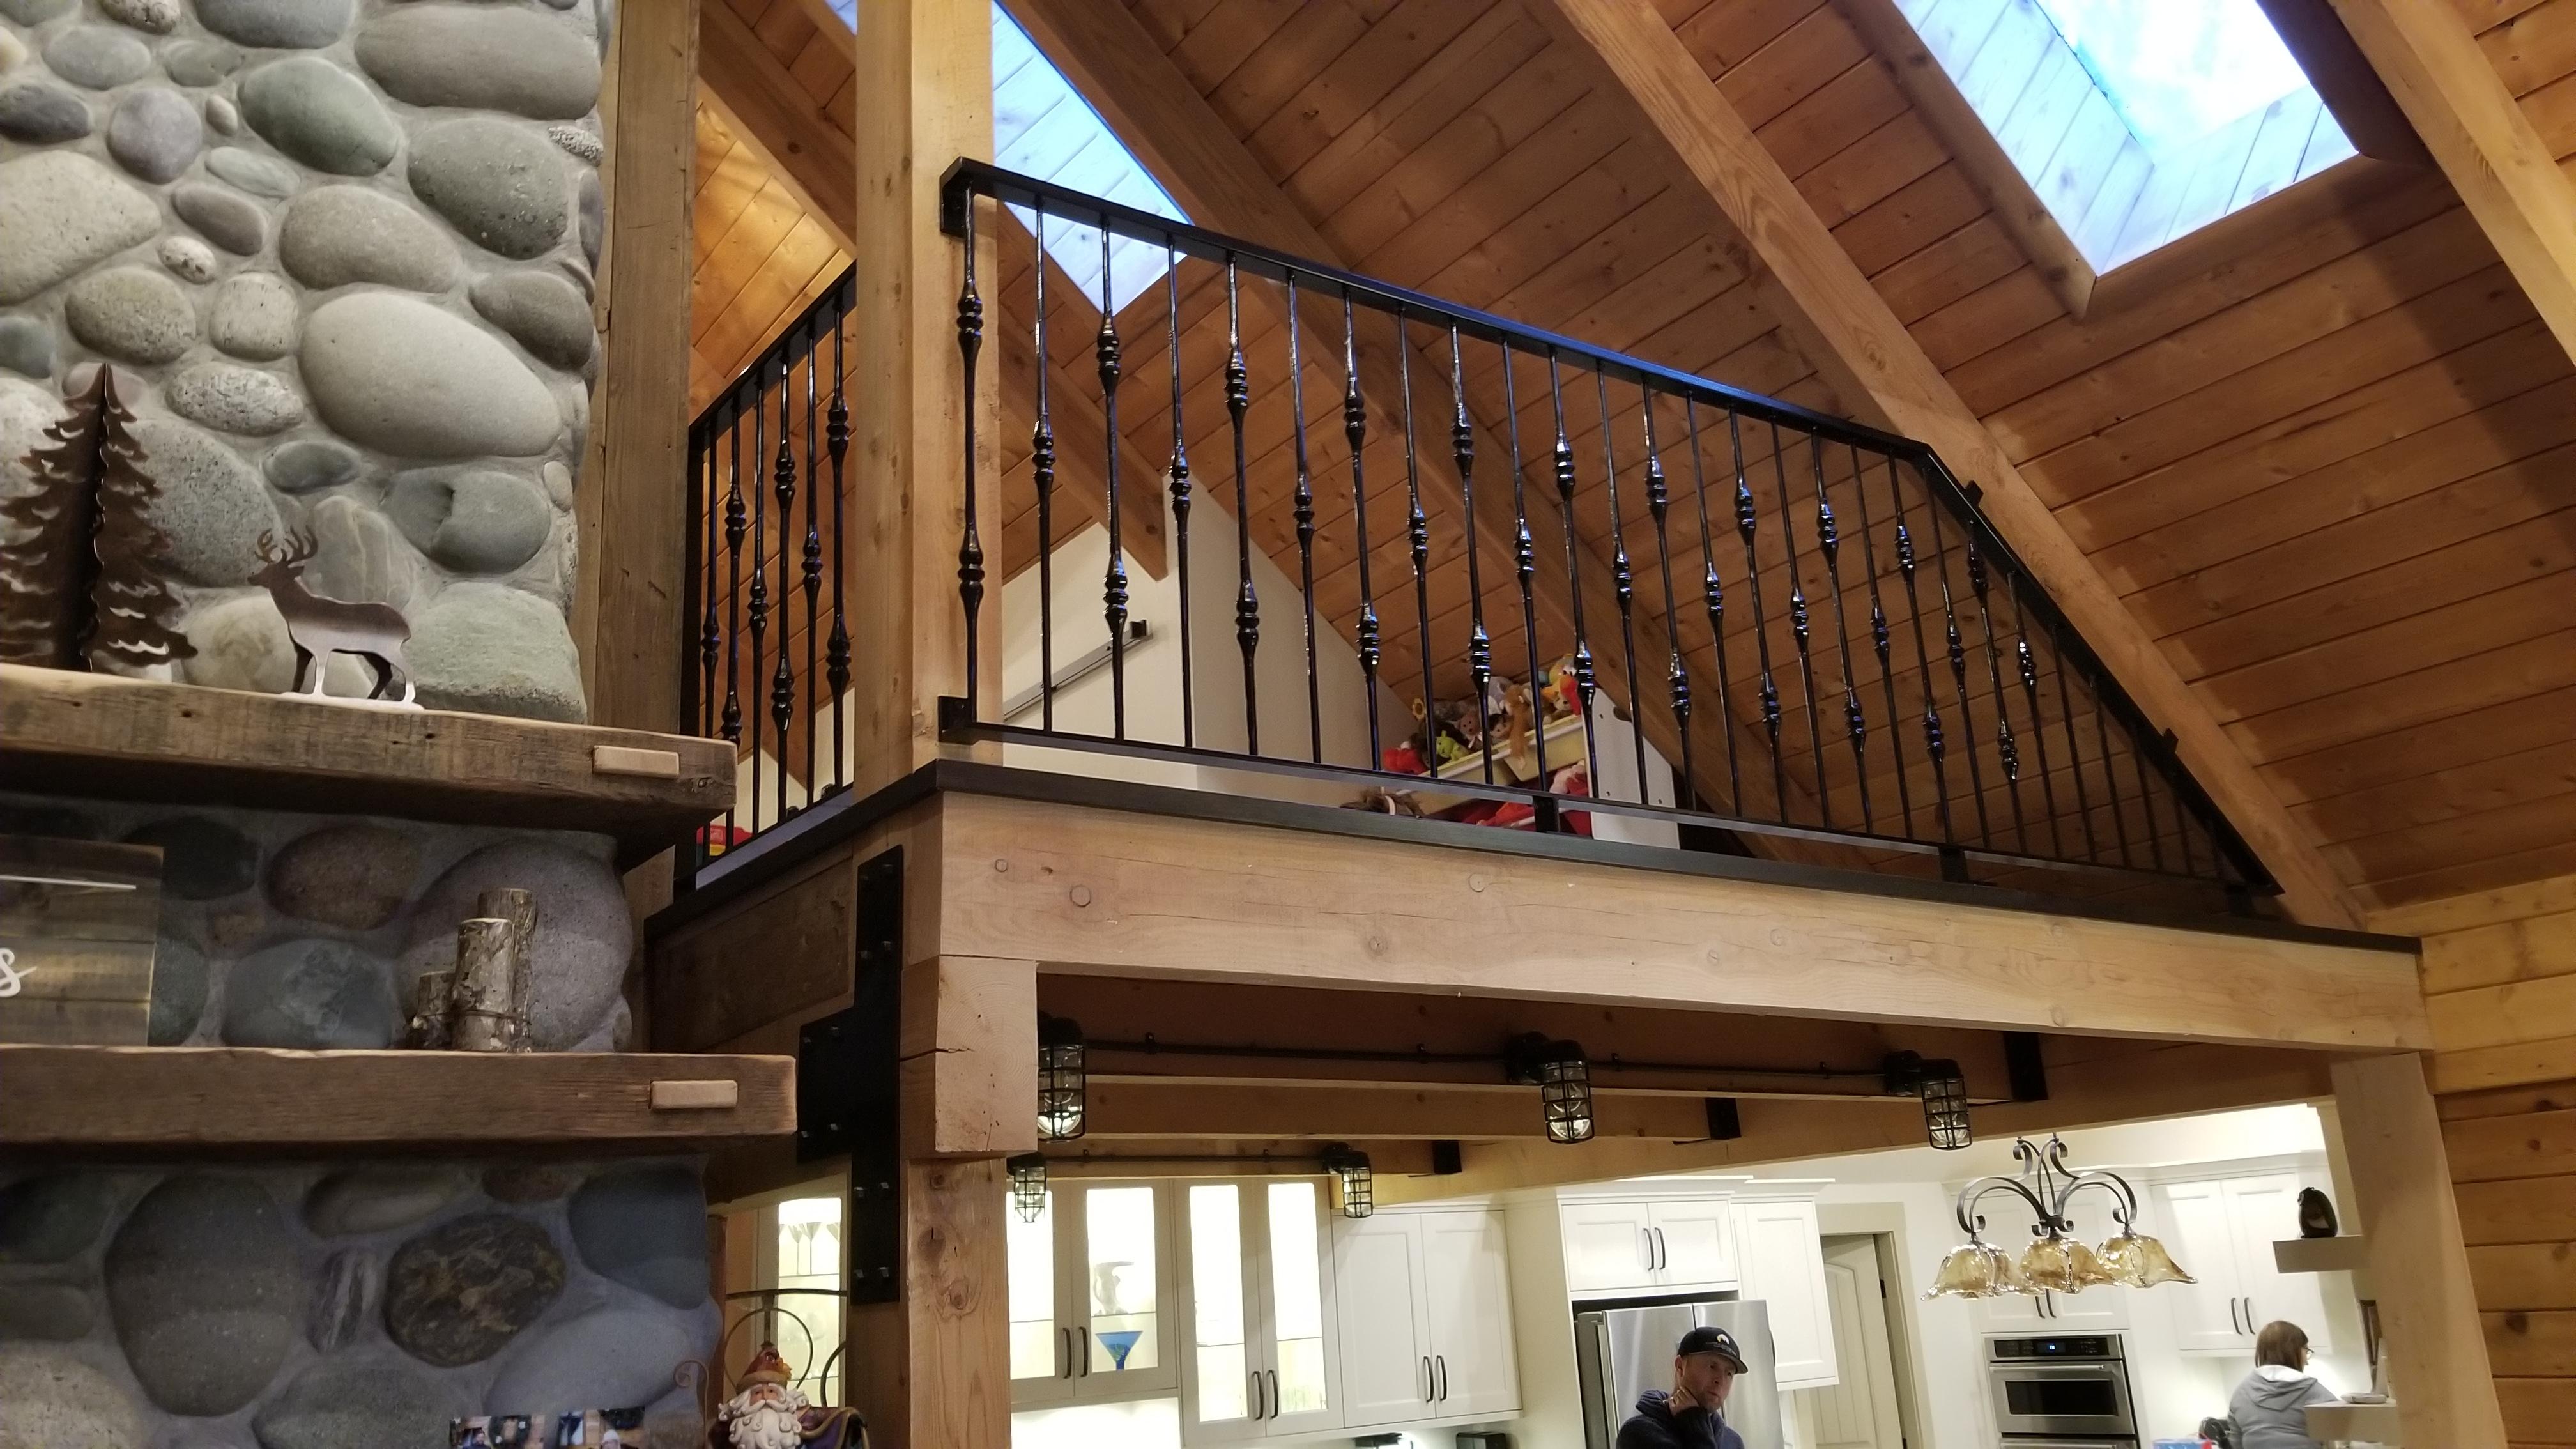 mono stringer staircase portfolio 19-5